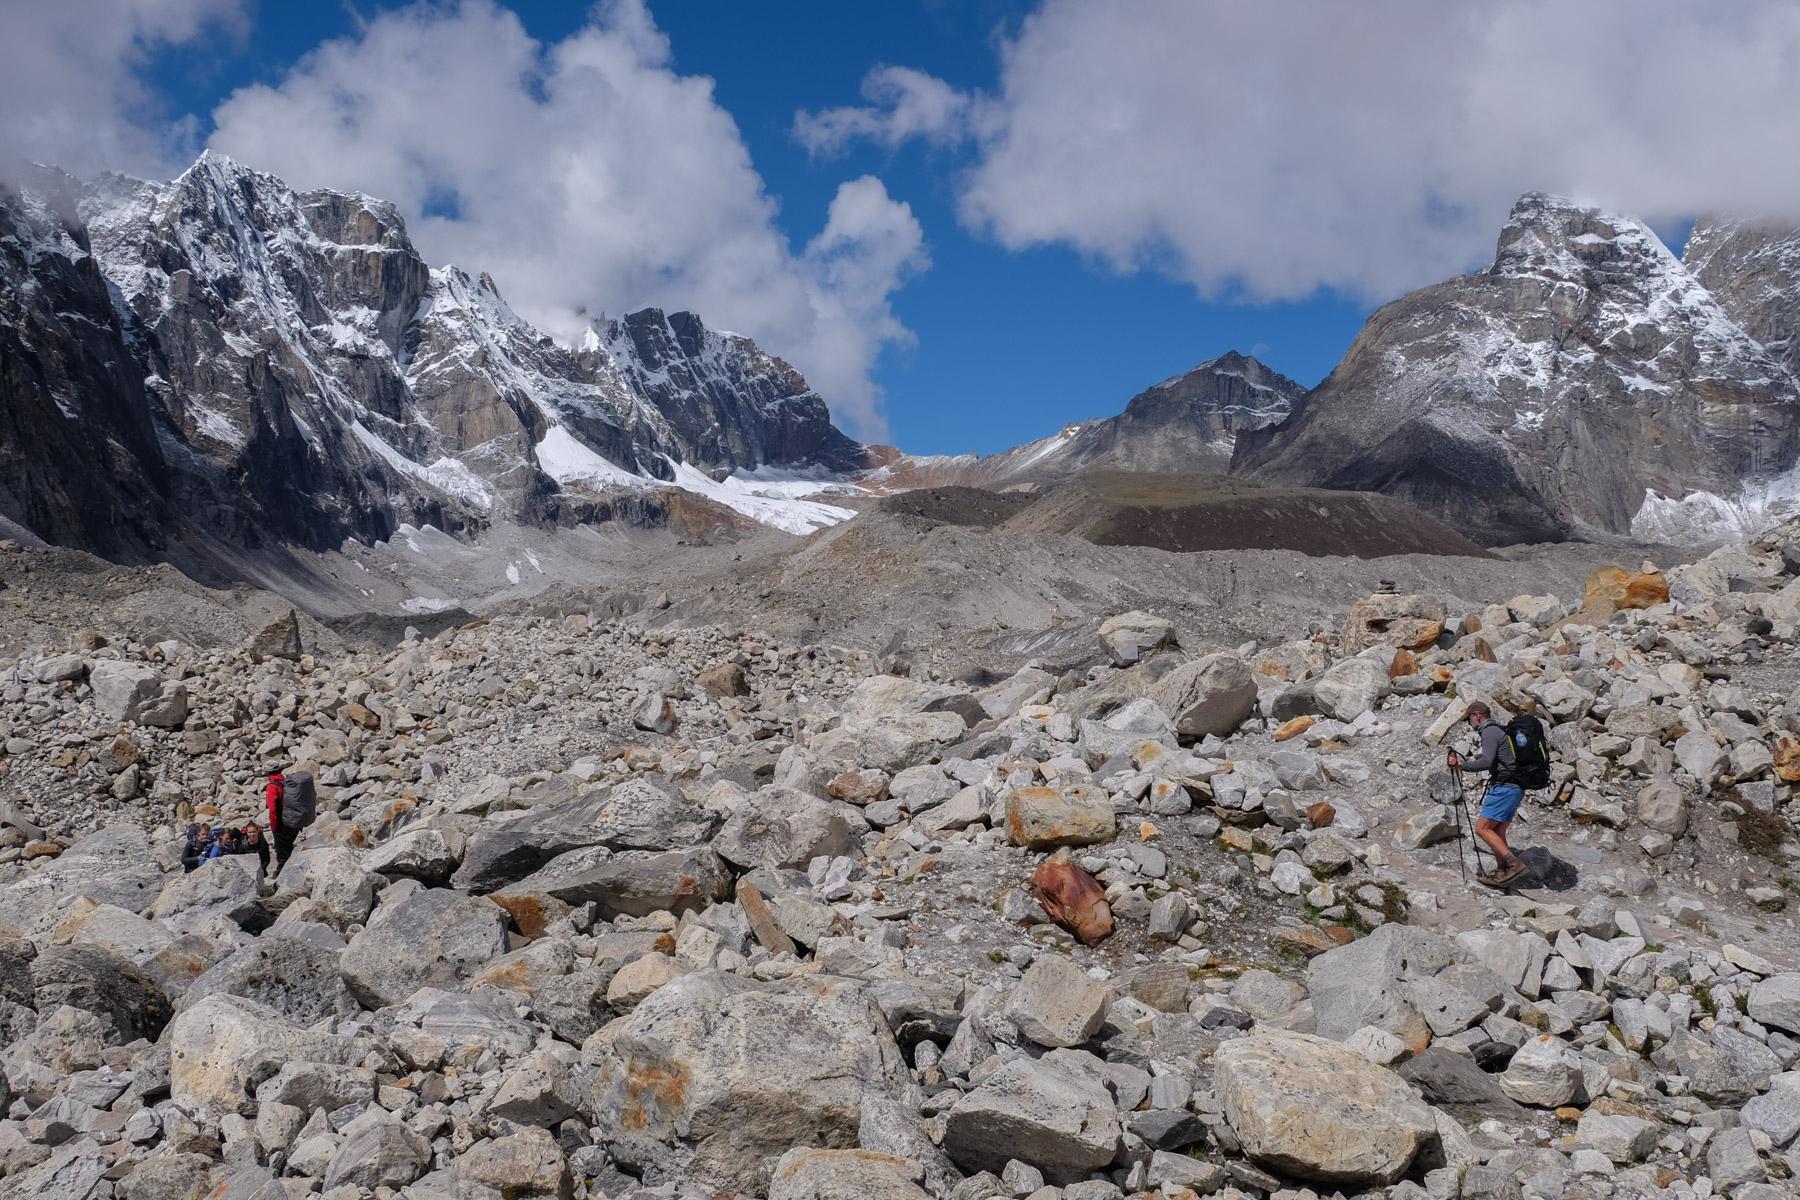 Kala Patthar & Gokyo, Everest 3 pass #3 25